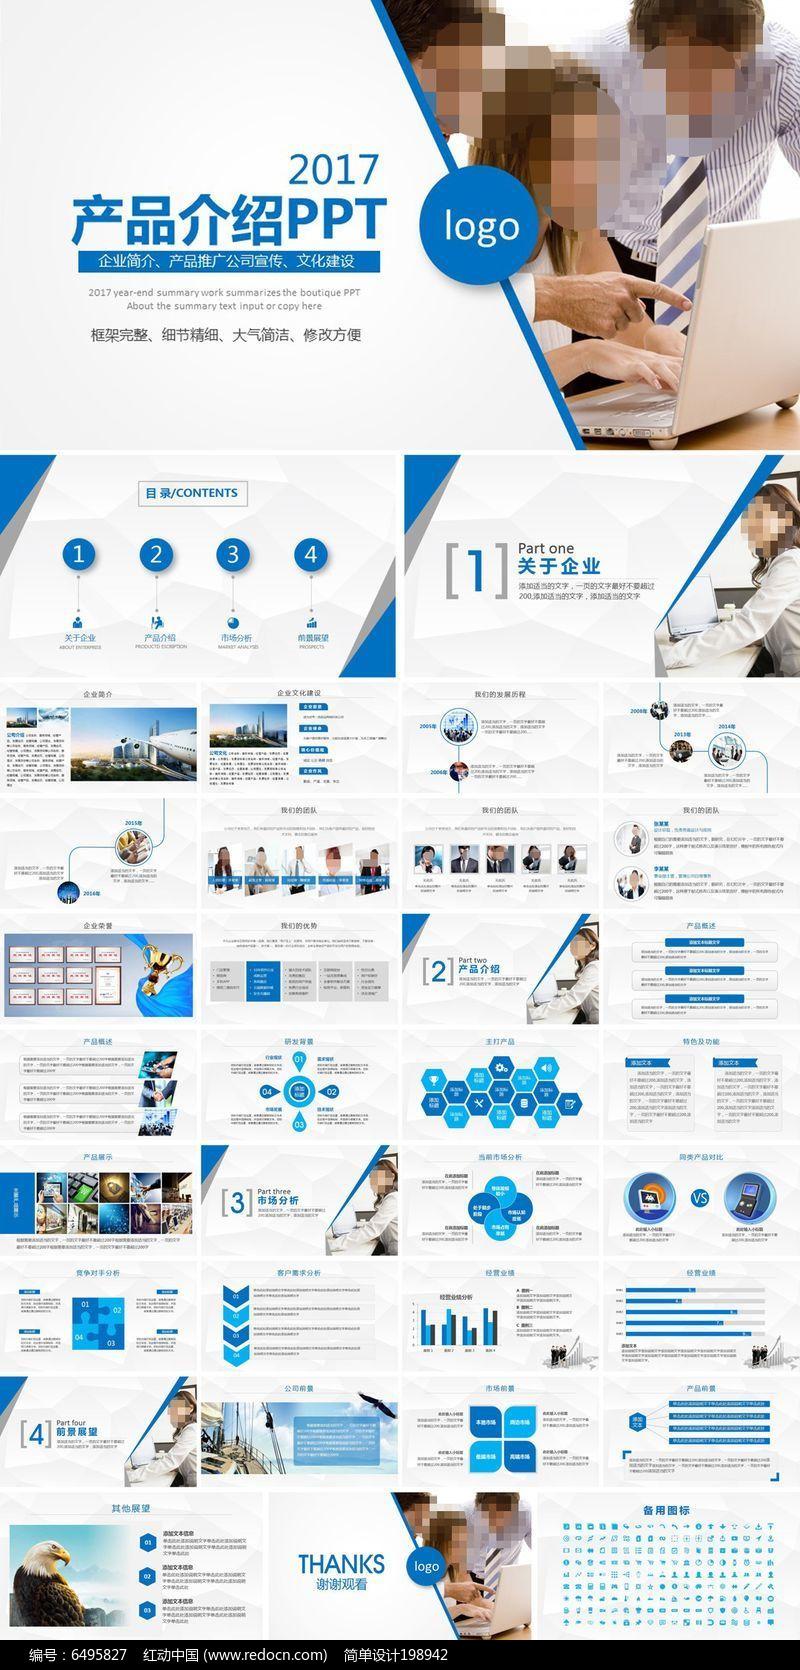 企业宣传公司简介产品介绍ppt素材下载(编号6495827)图片